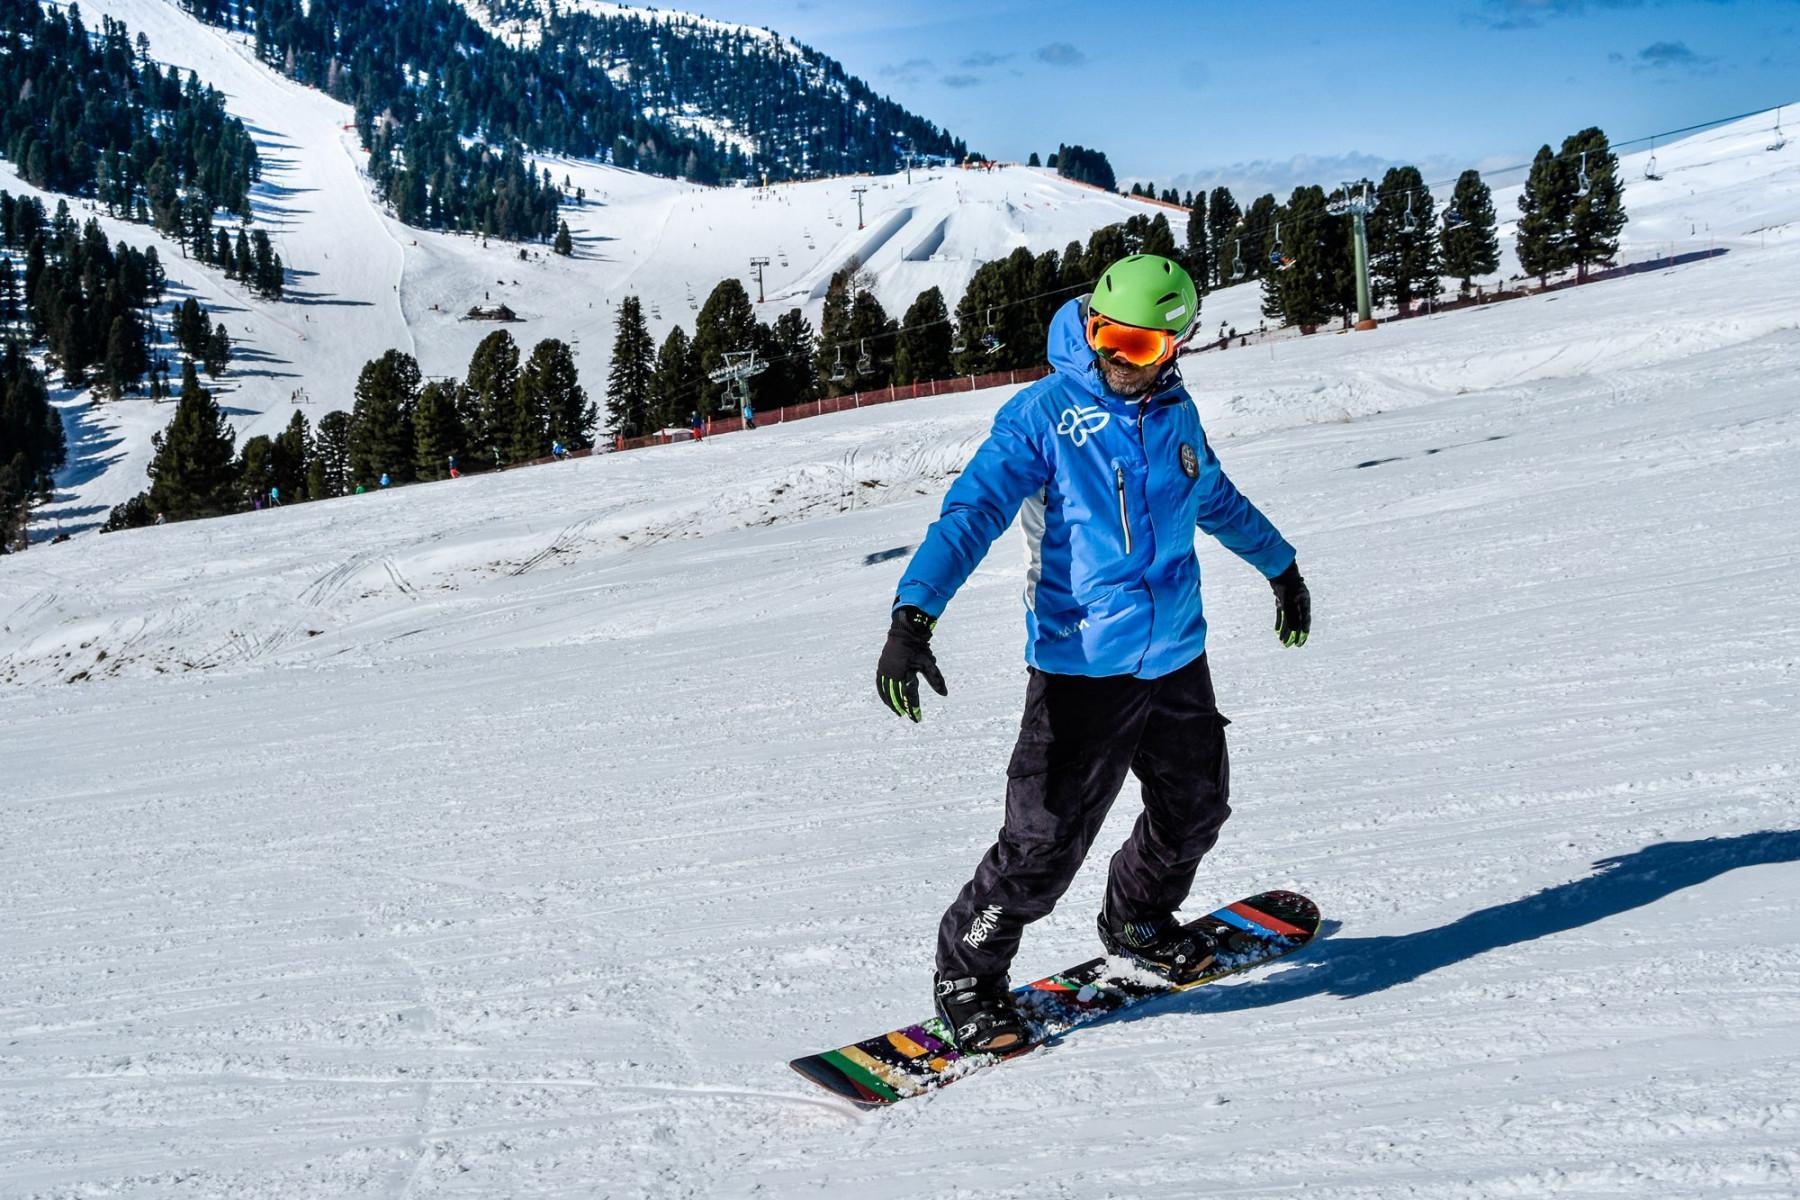 Lezione privata di snowboard per tutti i livelli all'Alpe di Pampeago